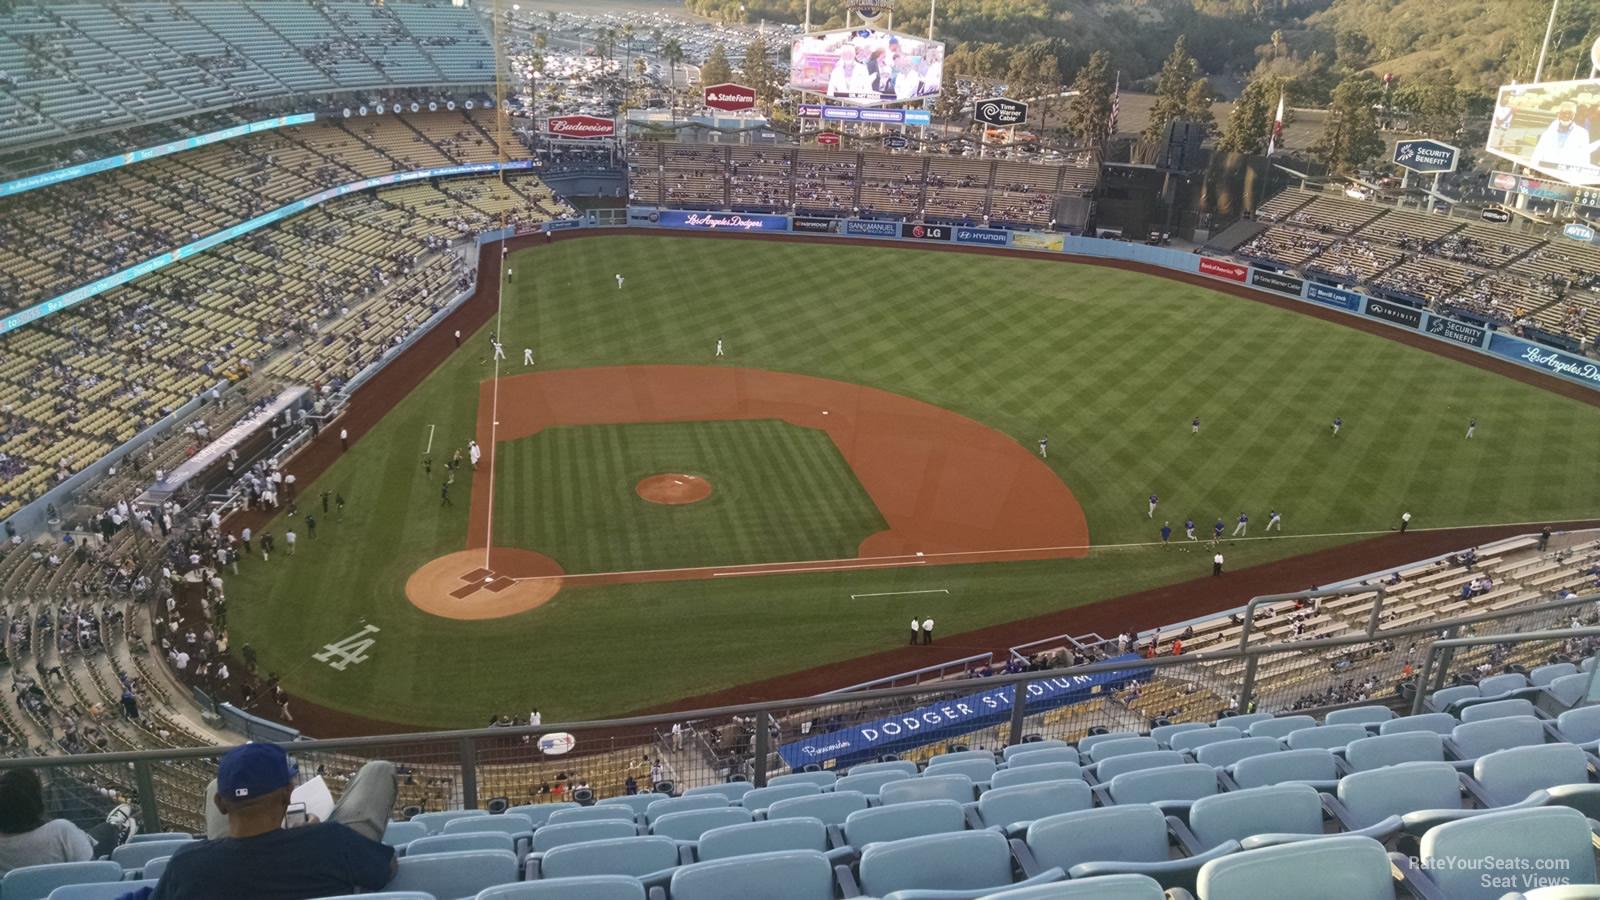 Dodger Stadium Top Deck 10 - RateYourSeats.com